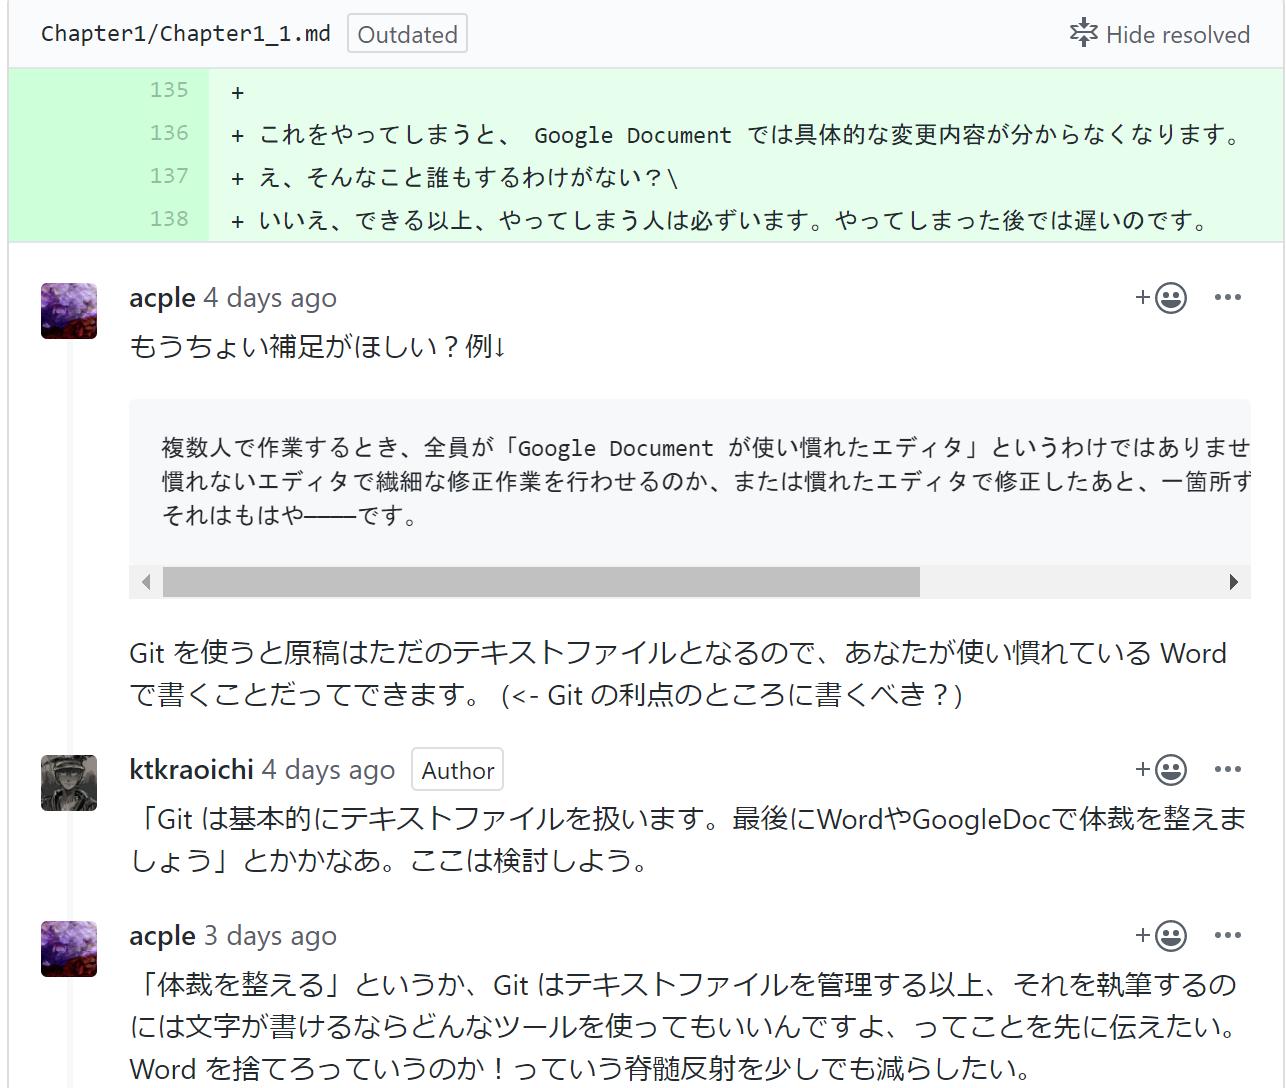 Cap1_1-6_GitHubConversation.png